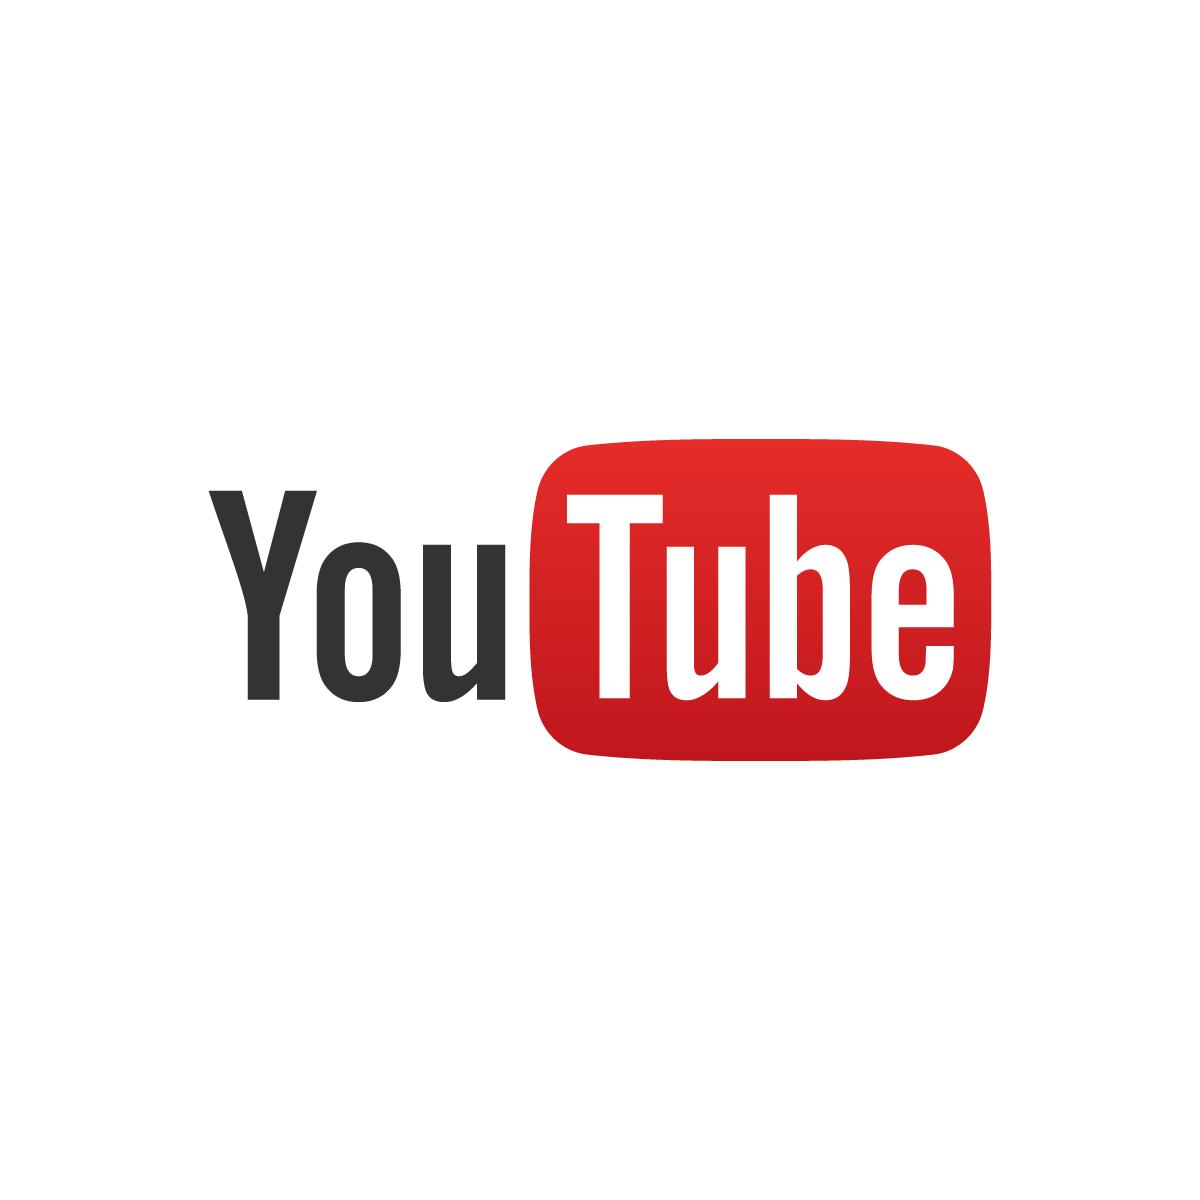 Zmiany na YouTube - znikną treści promujące nienawiść